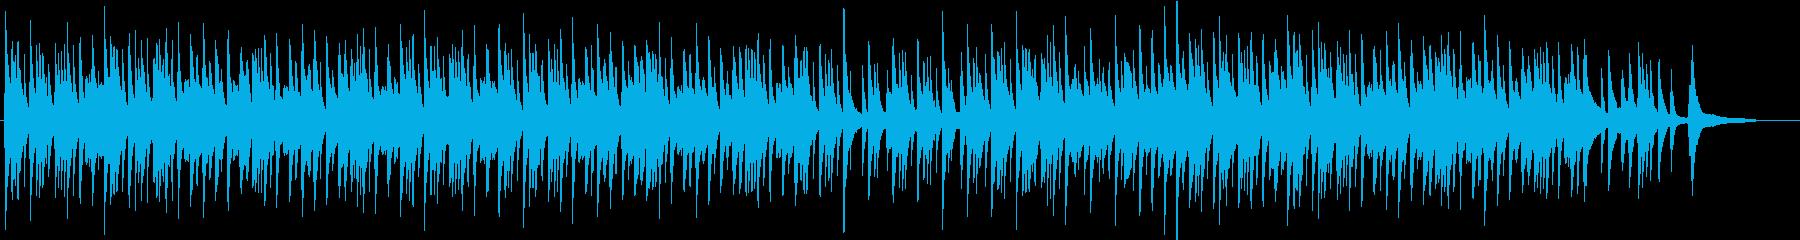 切なく和を感じさせるピアノソロBGMの再生済みの波形